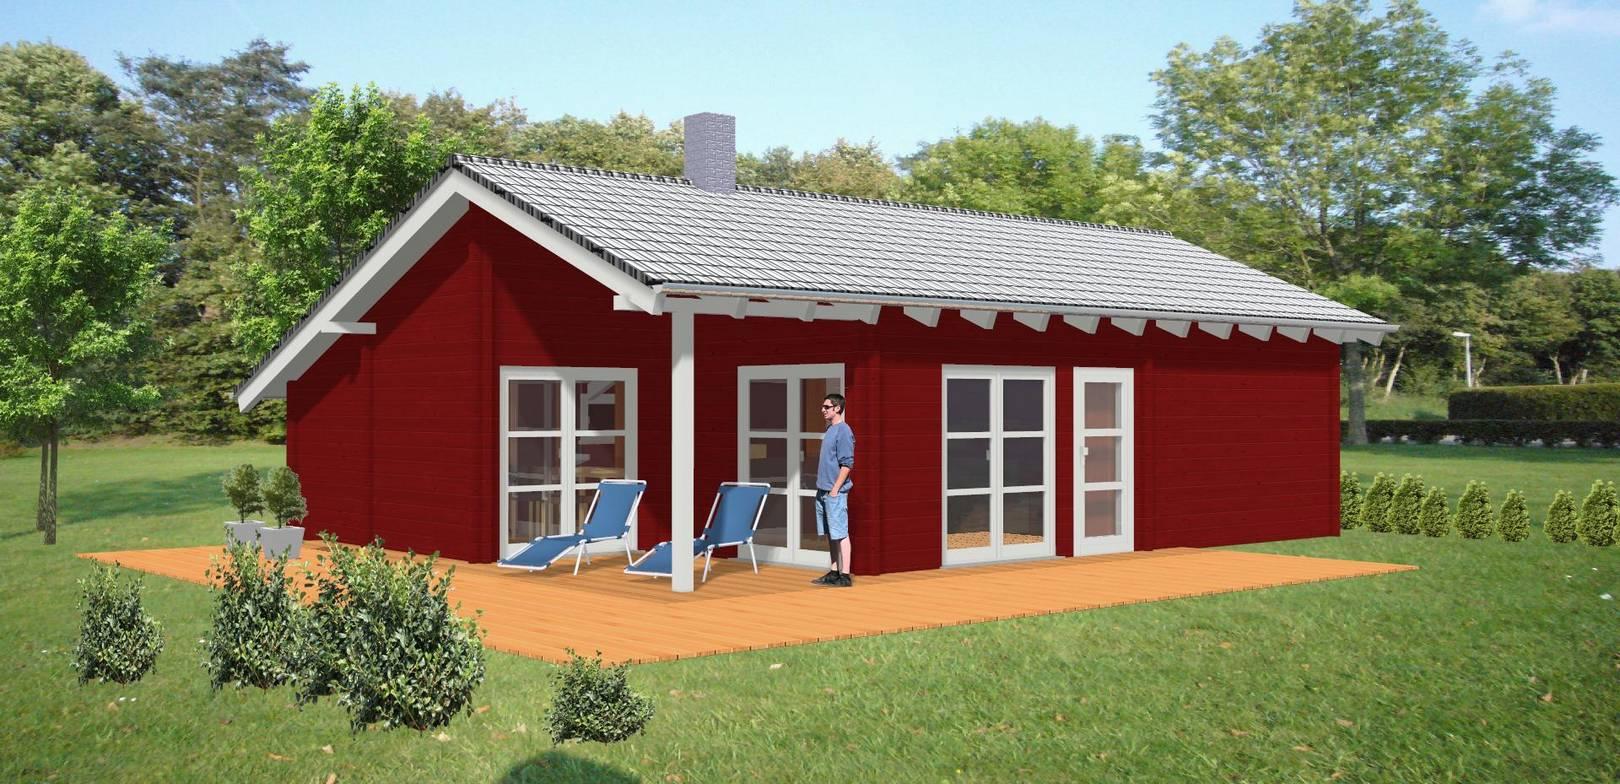 Ferienhaus Sabrina im Blockhaus Stil - Dr. Jeschke Holzbau